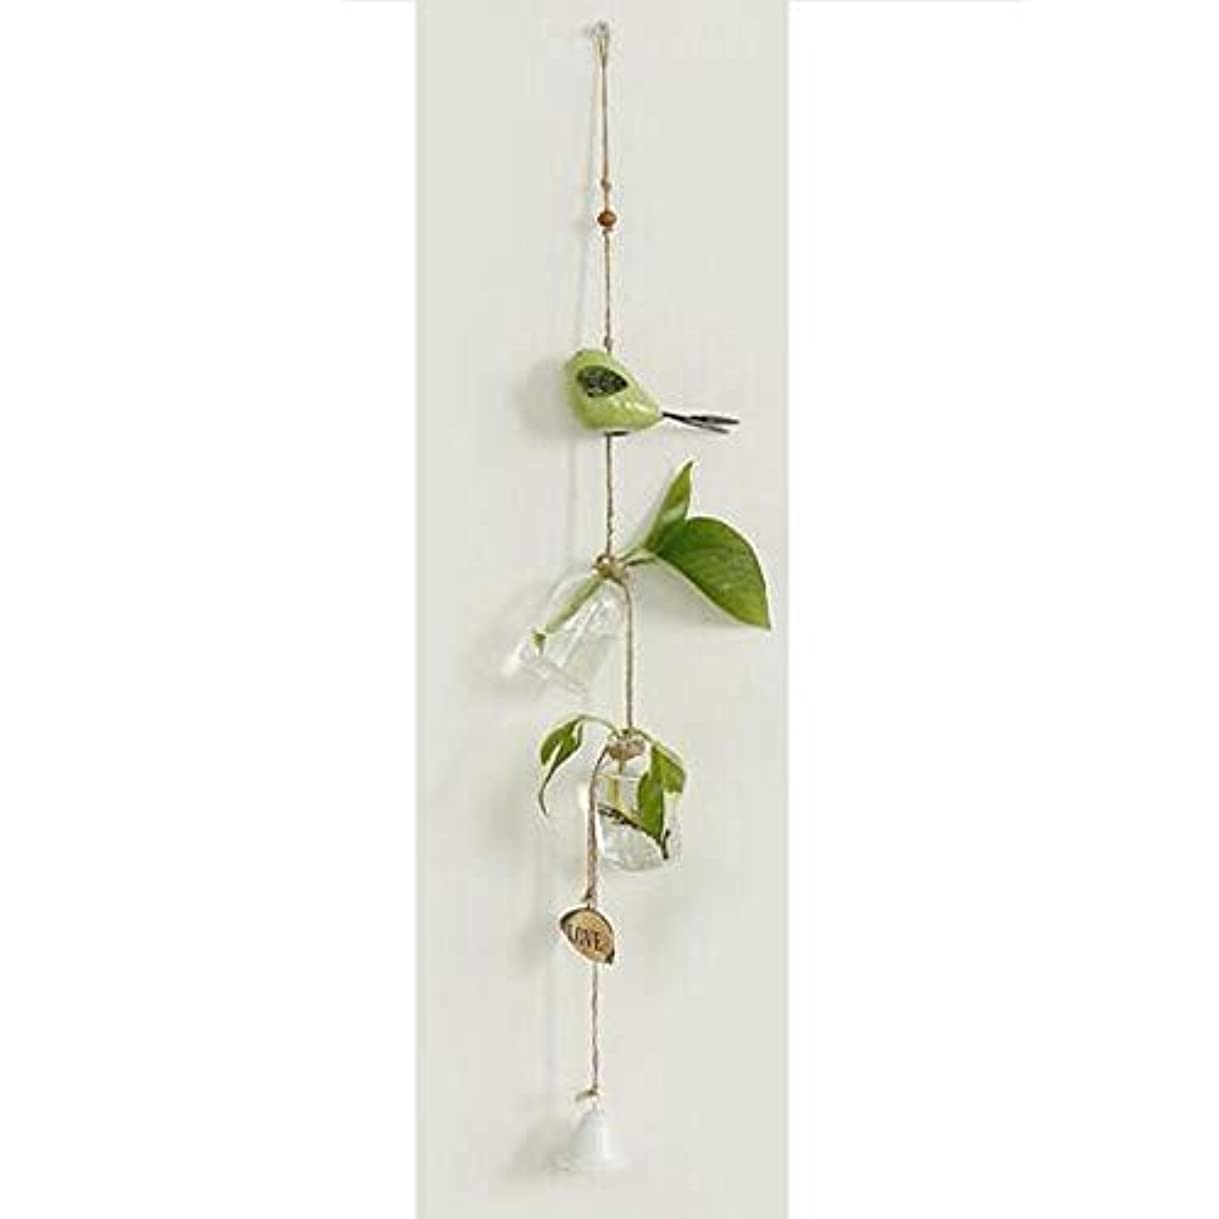 紛争然とした保持Hongyushanghang 風チャイム、クリエイティブ?グラス風チャイム、白、ロープの長さ63センチメートルボトル(なし植物),、ジュエリークリエイティブホリデーギフトを掛ける (Color : Green)